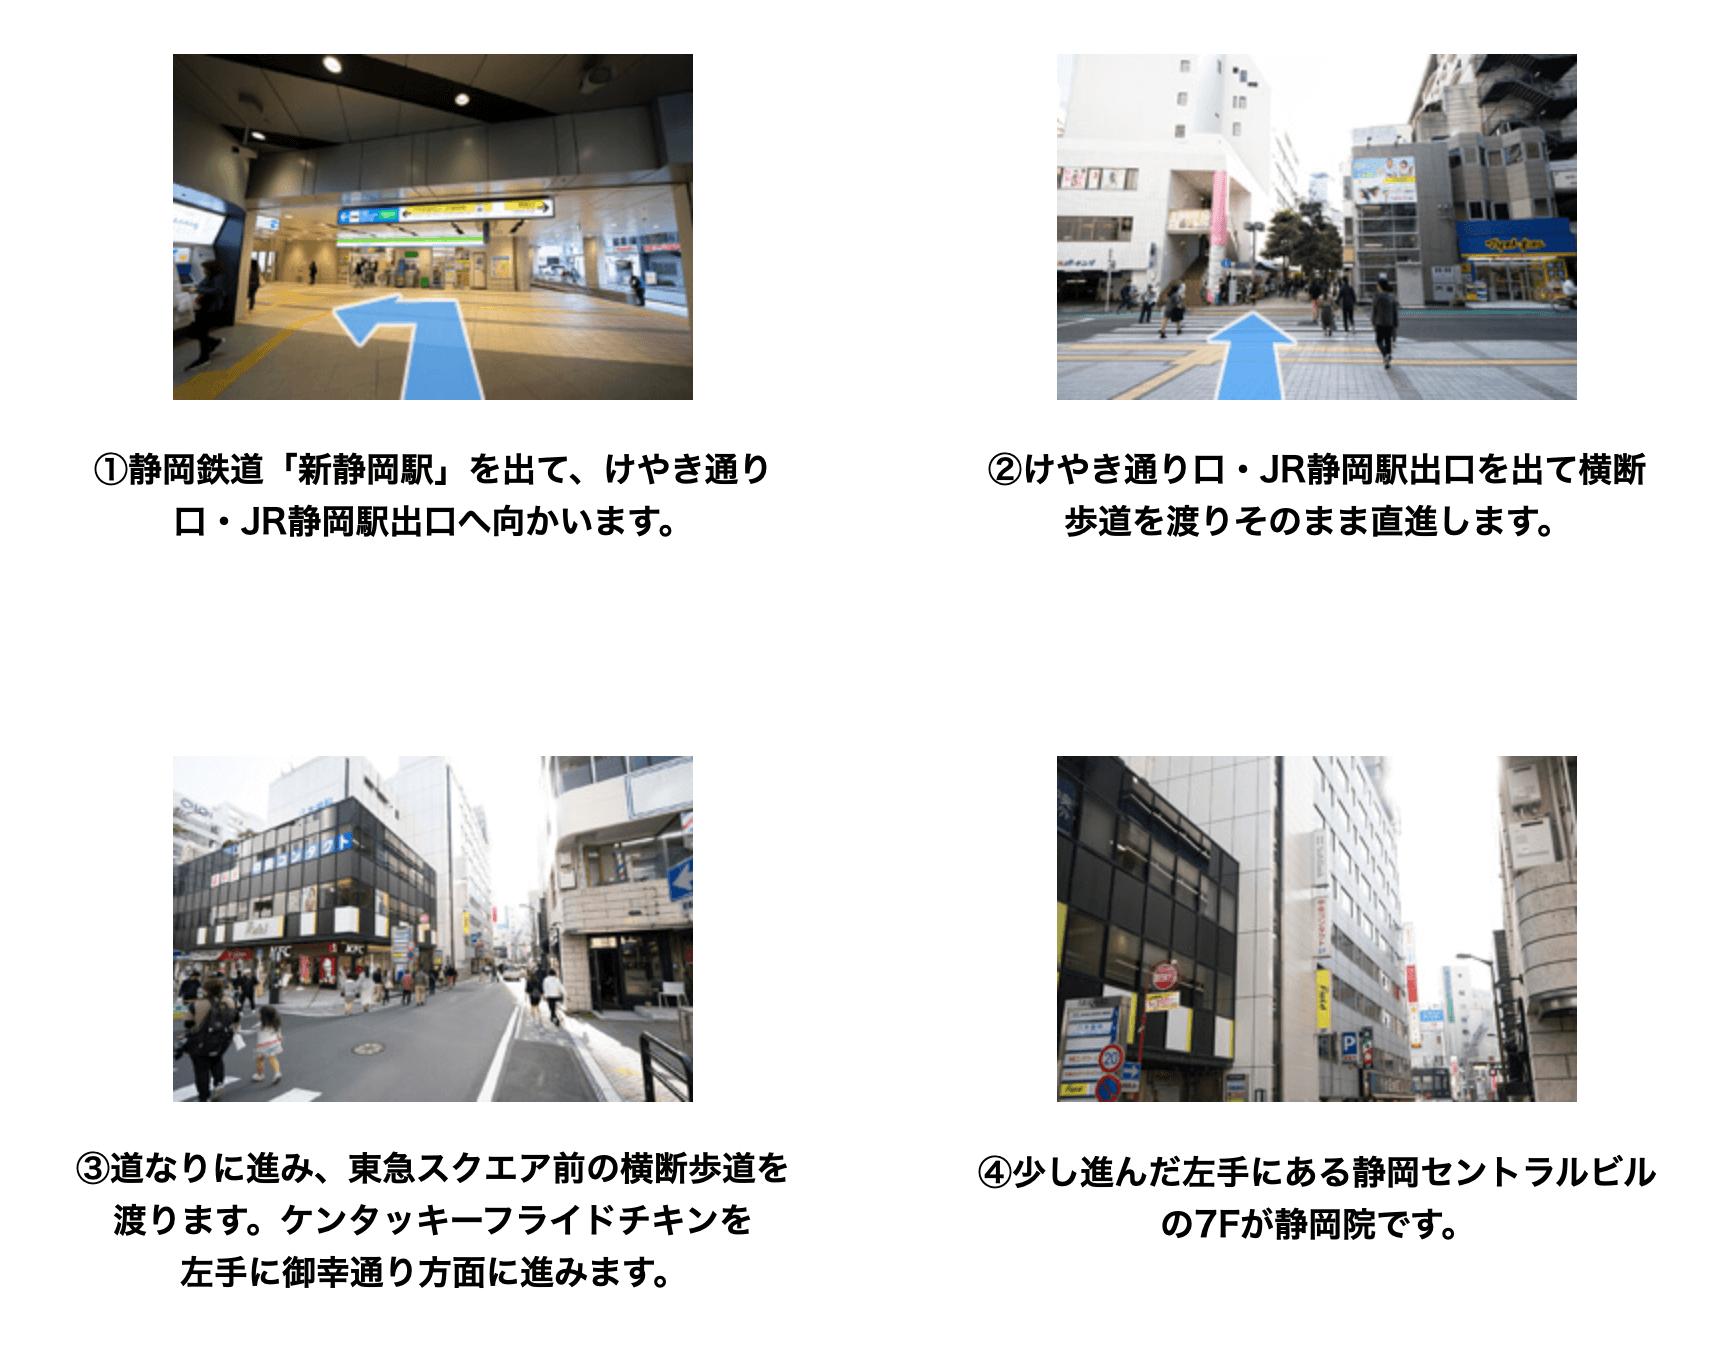 AGAスキンクリニック静岡院に迷わず辿り着くための完全MAP(新静岡駅からのアクセス)